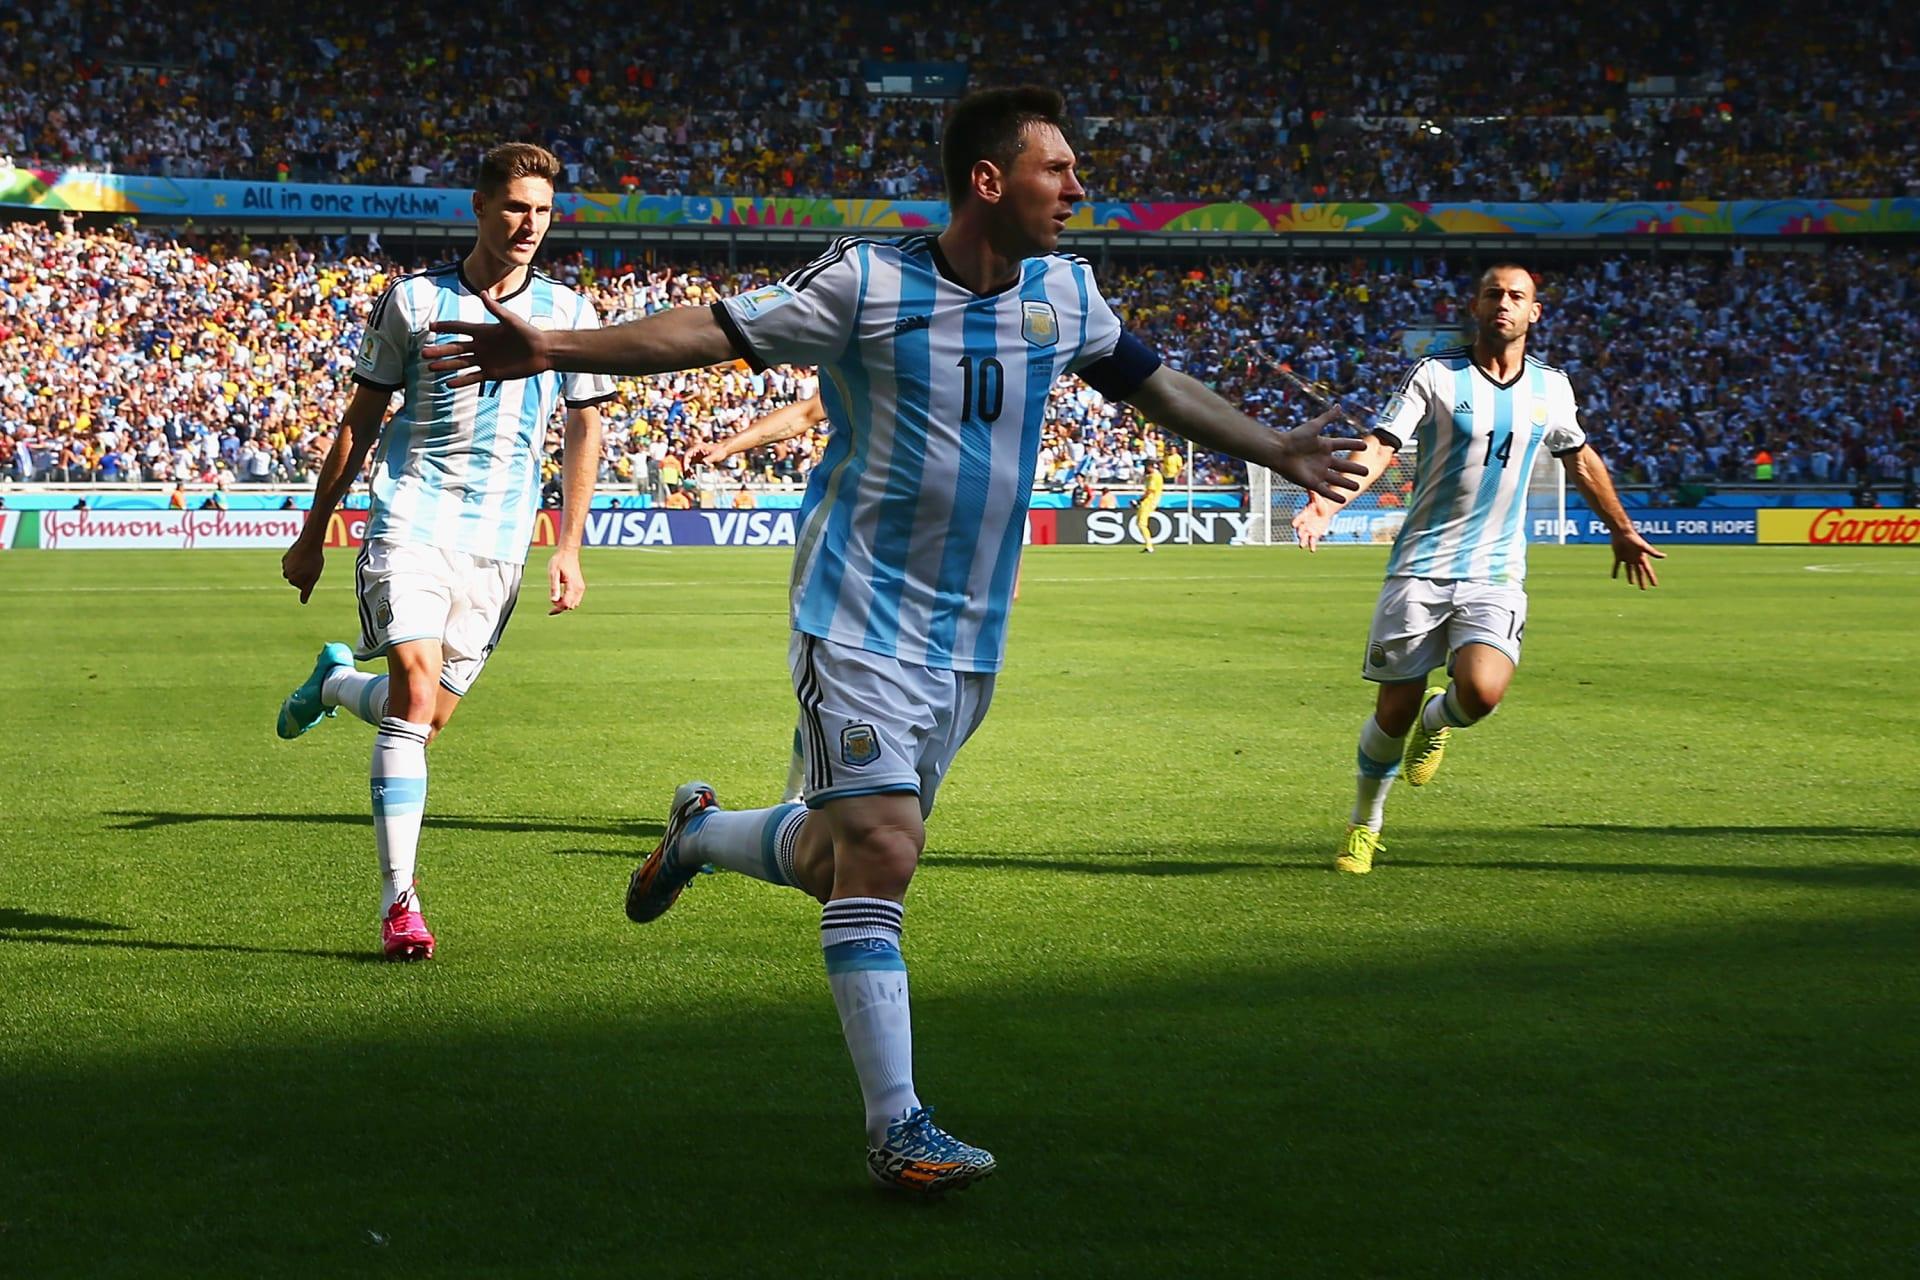 كأس العالم 2014: ميسي ينقذ الأرجنتين ويؤهلها بهدف في مرمى إيران بالوقت القاتل